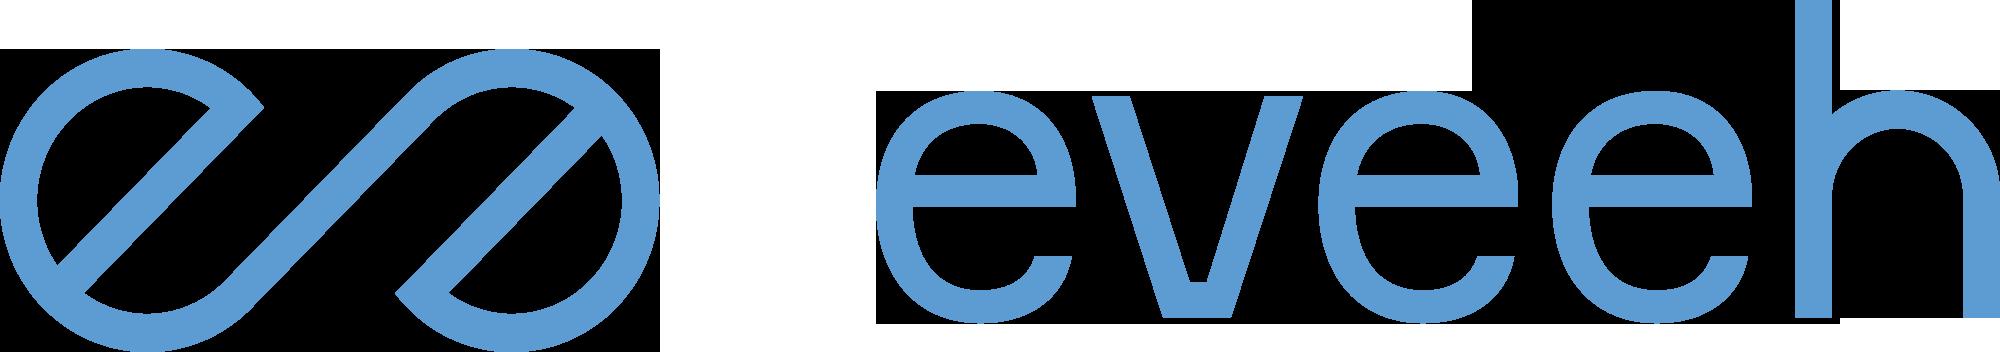 eveeh_logo_blue